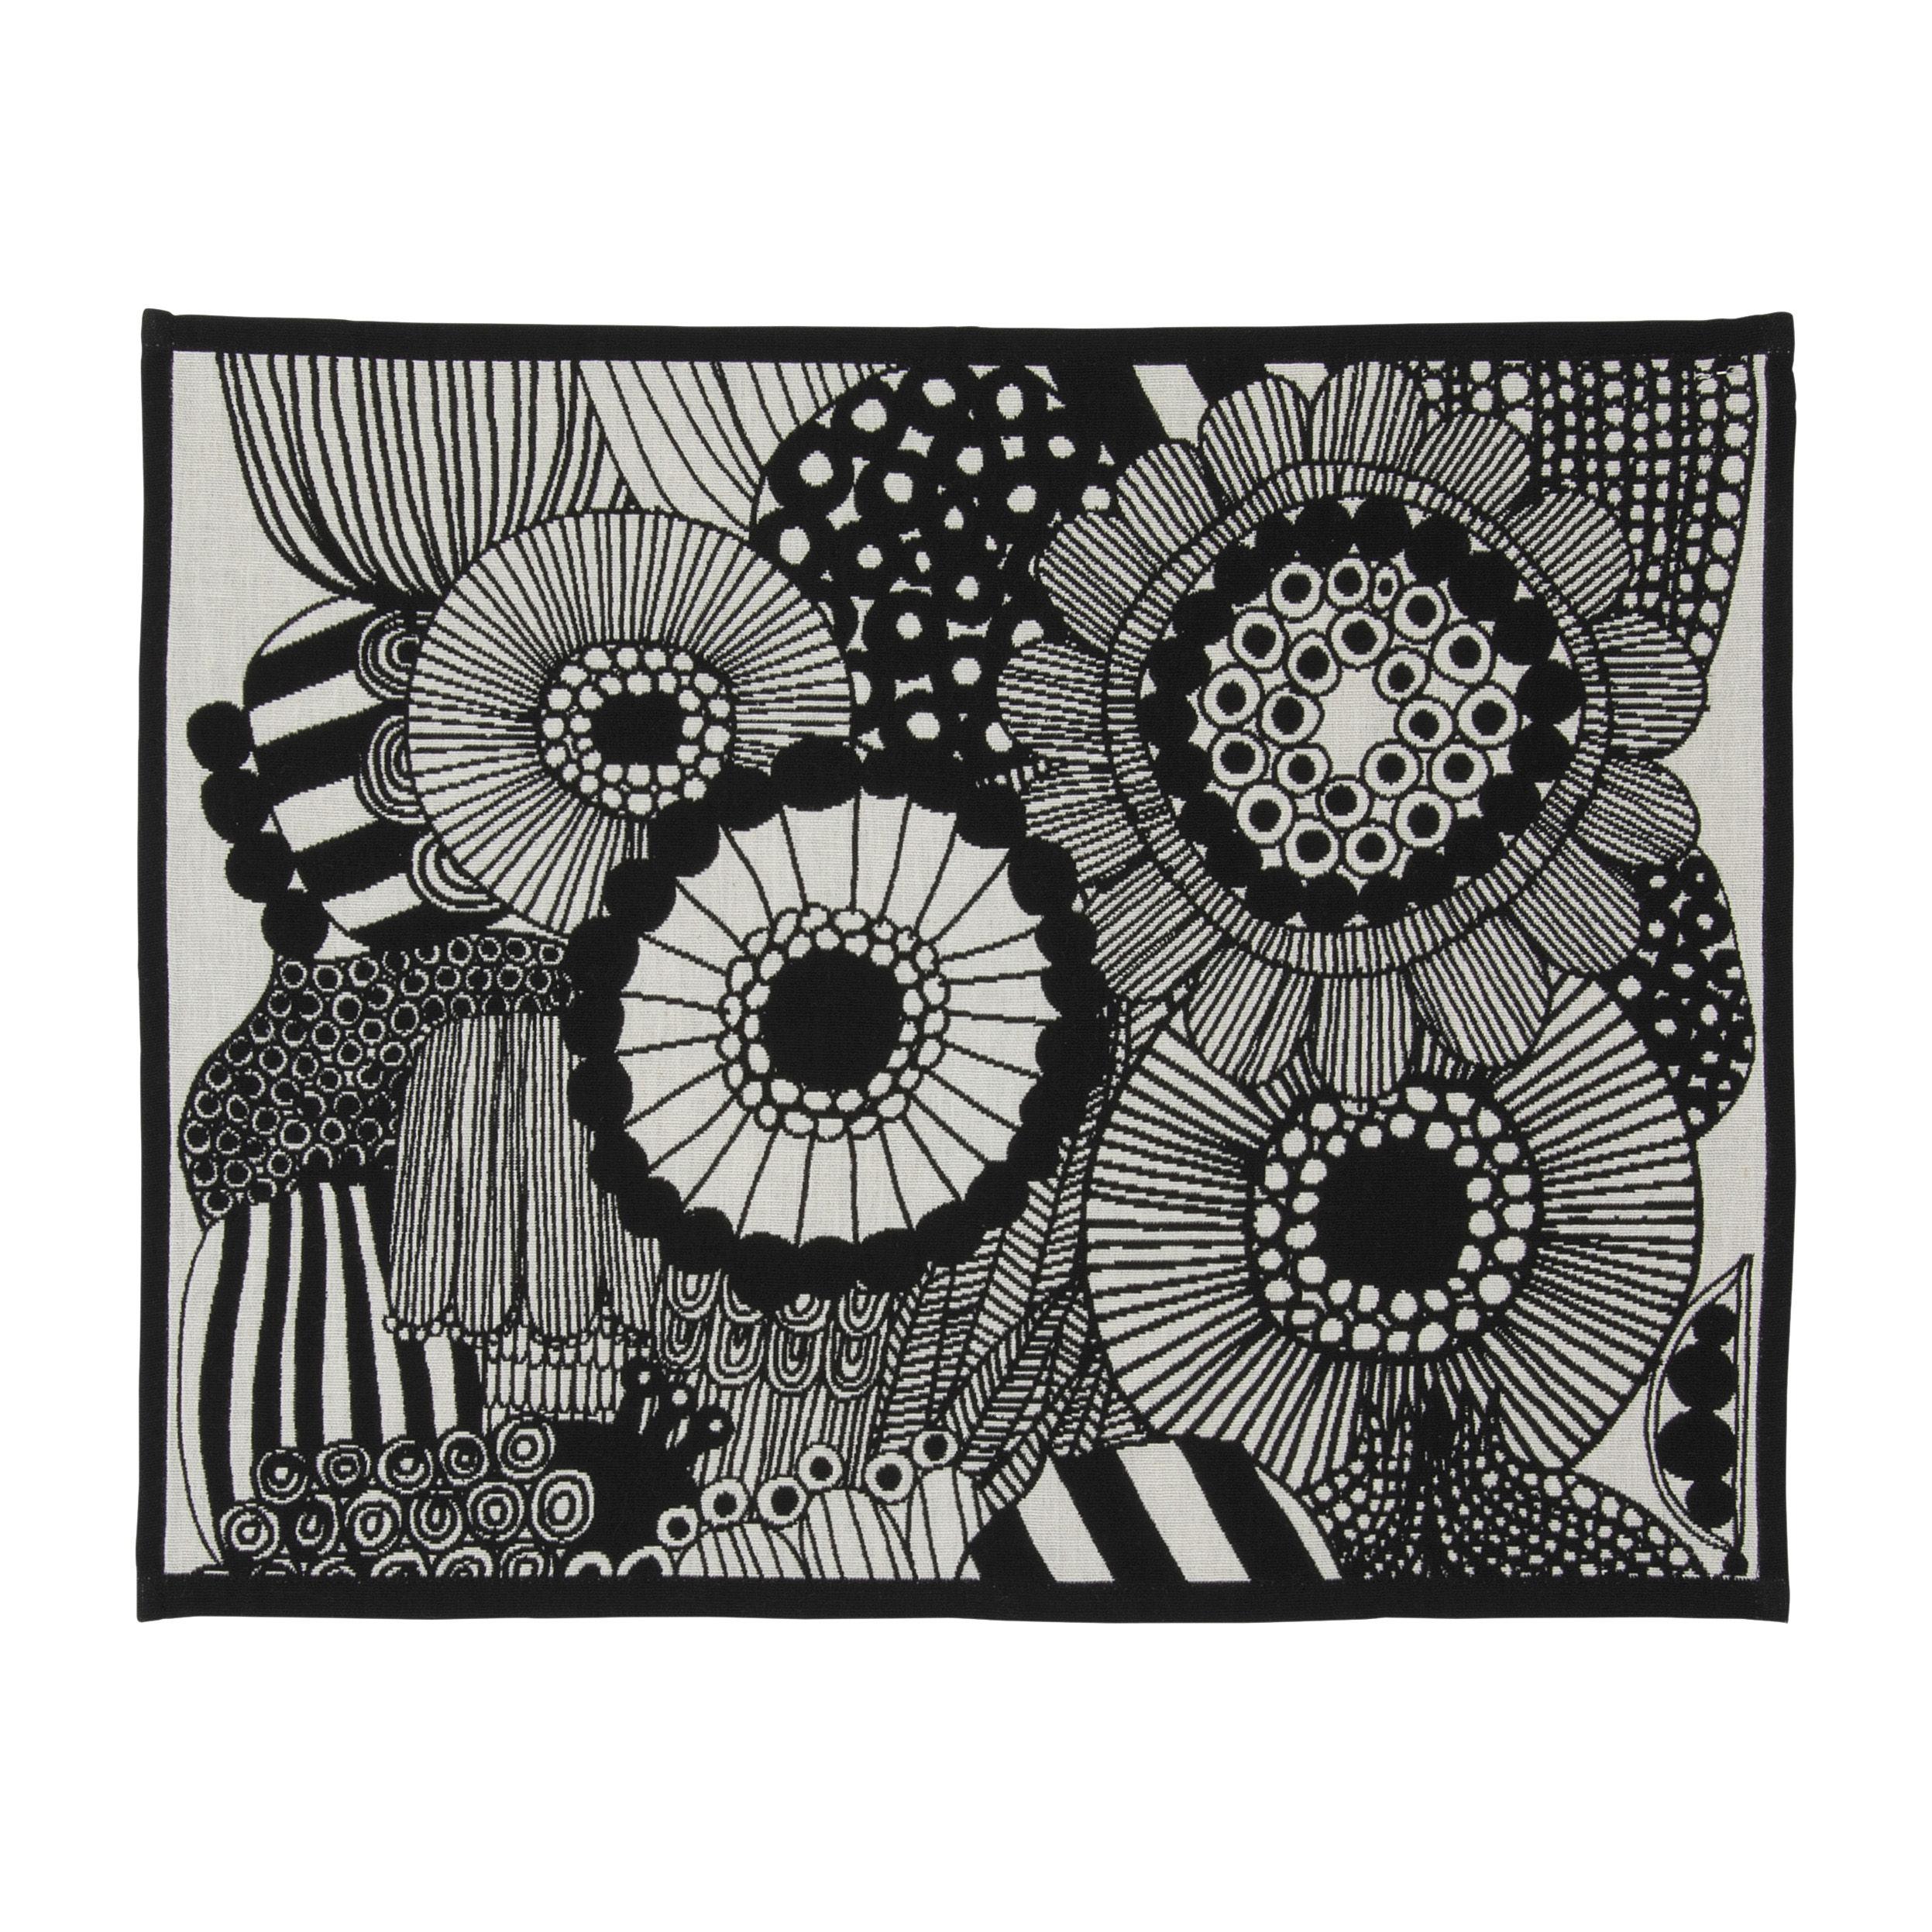 Arts de la table - Nappes, serviettes et sets - Set de table Pieni Siirtolapuutarha / Coton - 47 x 36 cm - Marimekko - Siirtolapuutarha / Noir - Coton